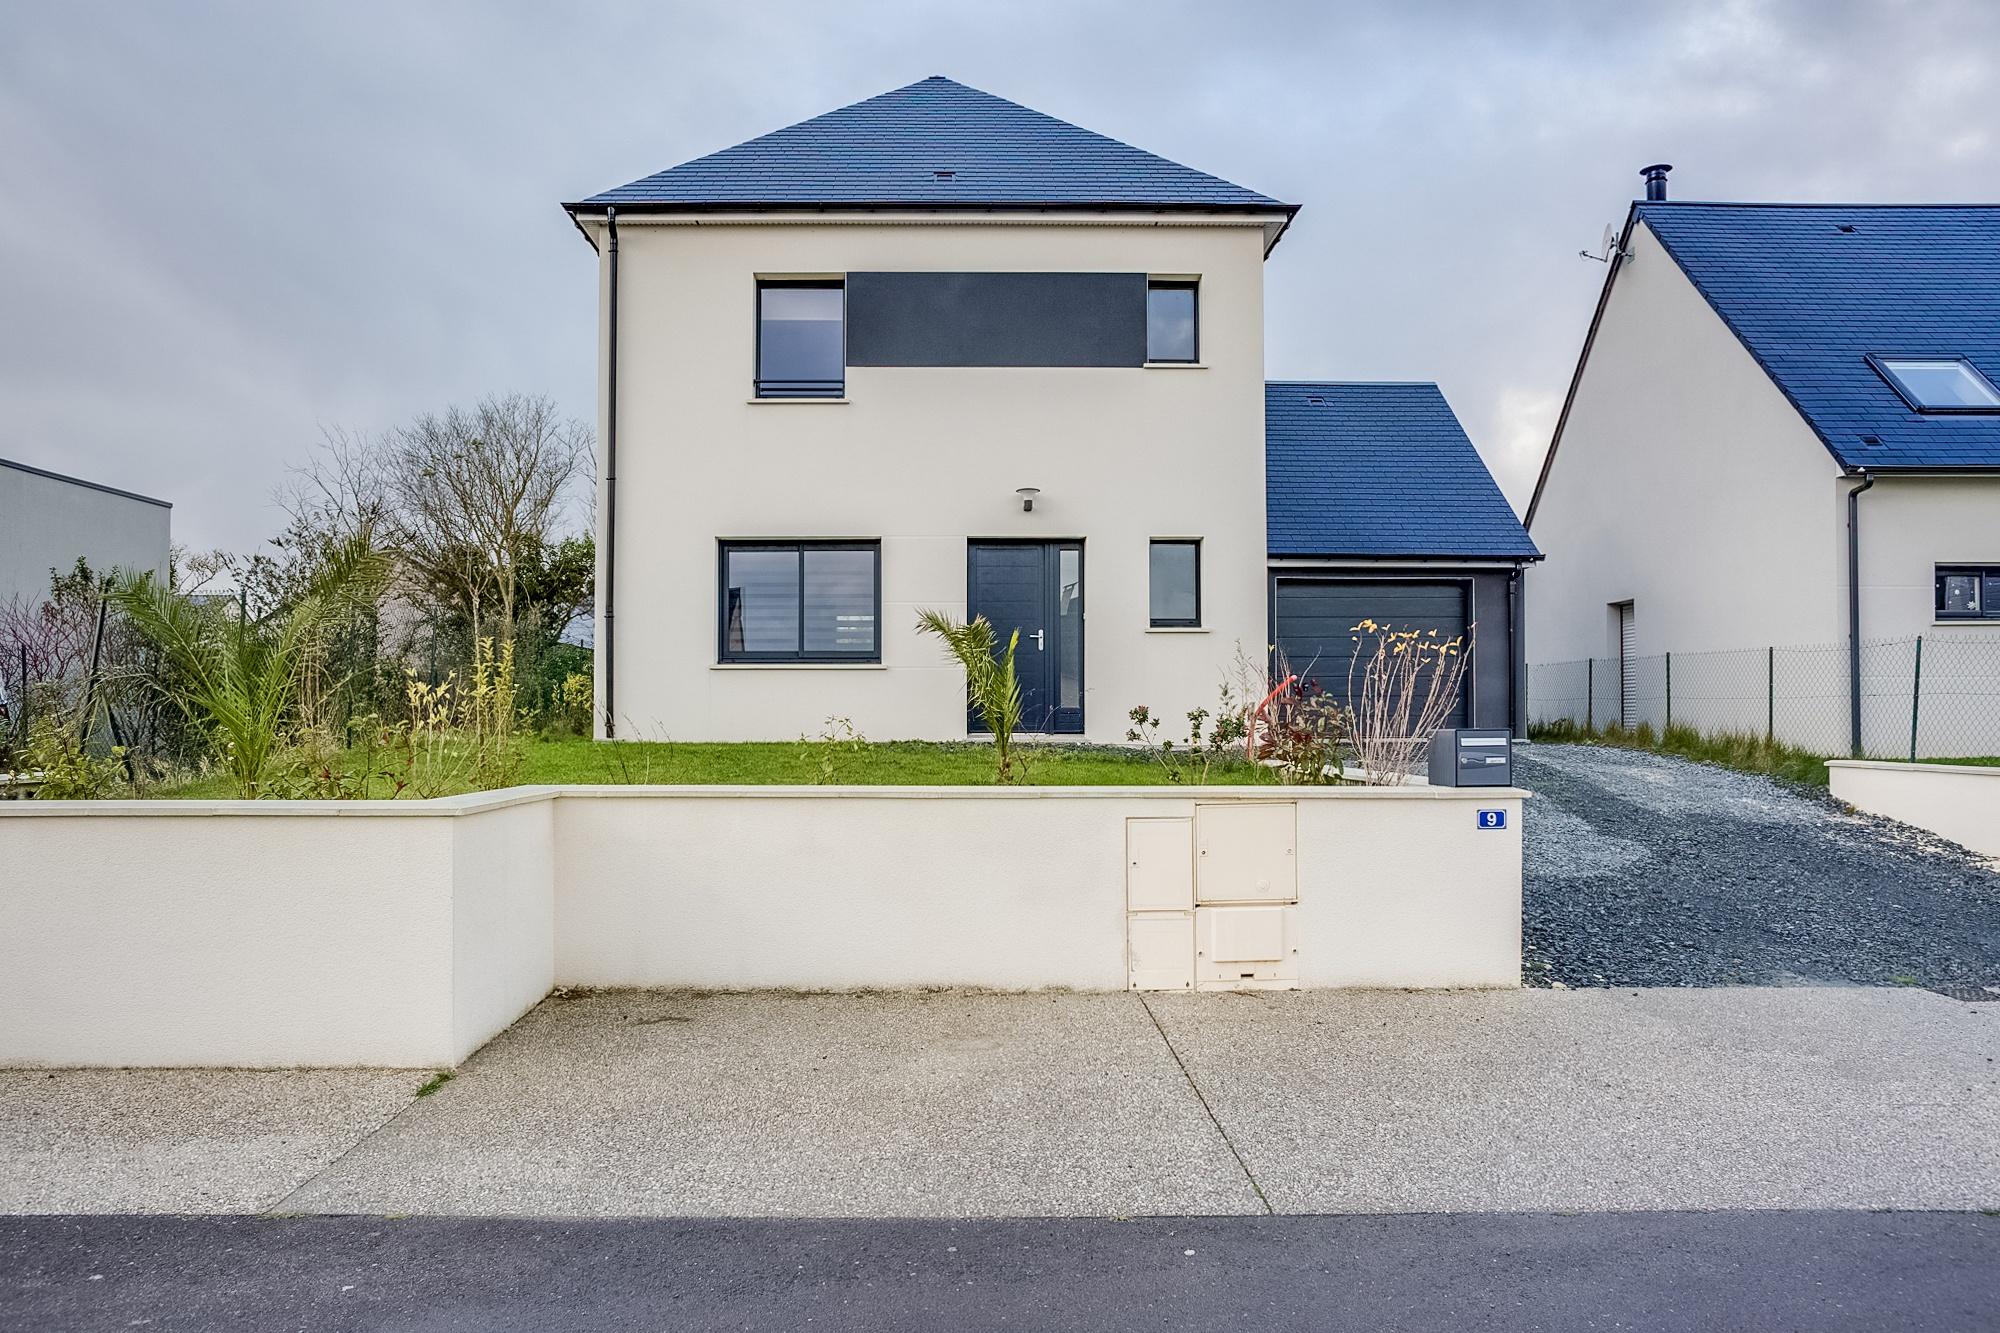 Maisons + Terrains du constructeur MAISON FAMILIALE RENNES • 102 m² • BOURG DES COMPTES